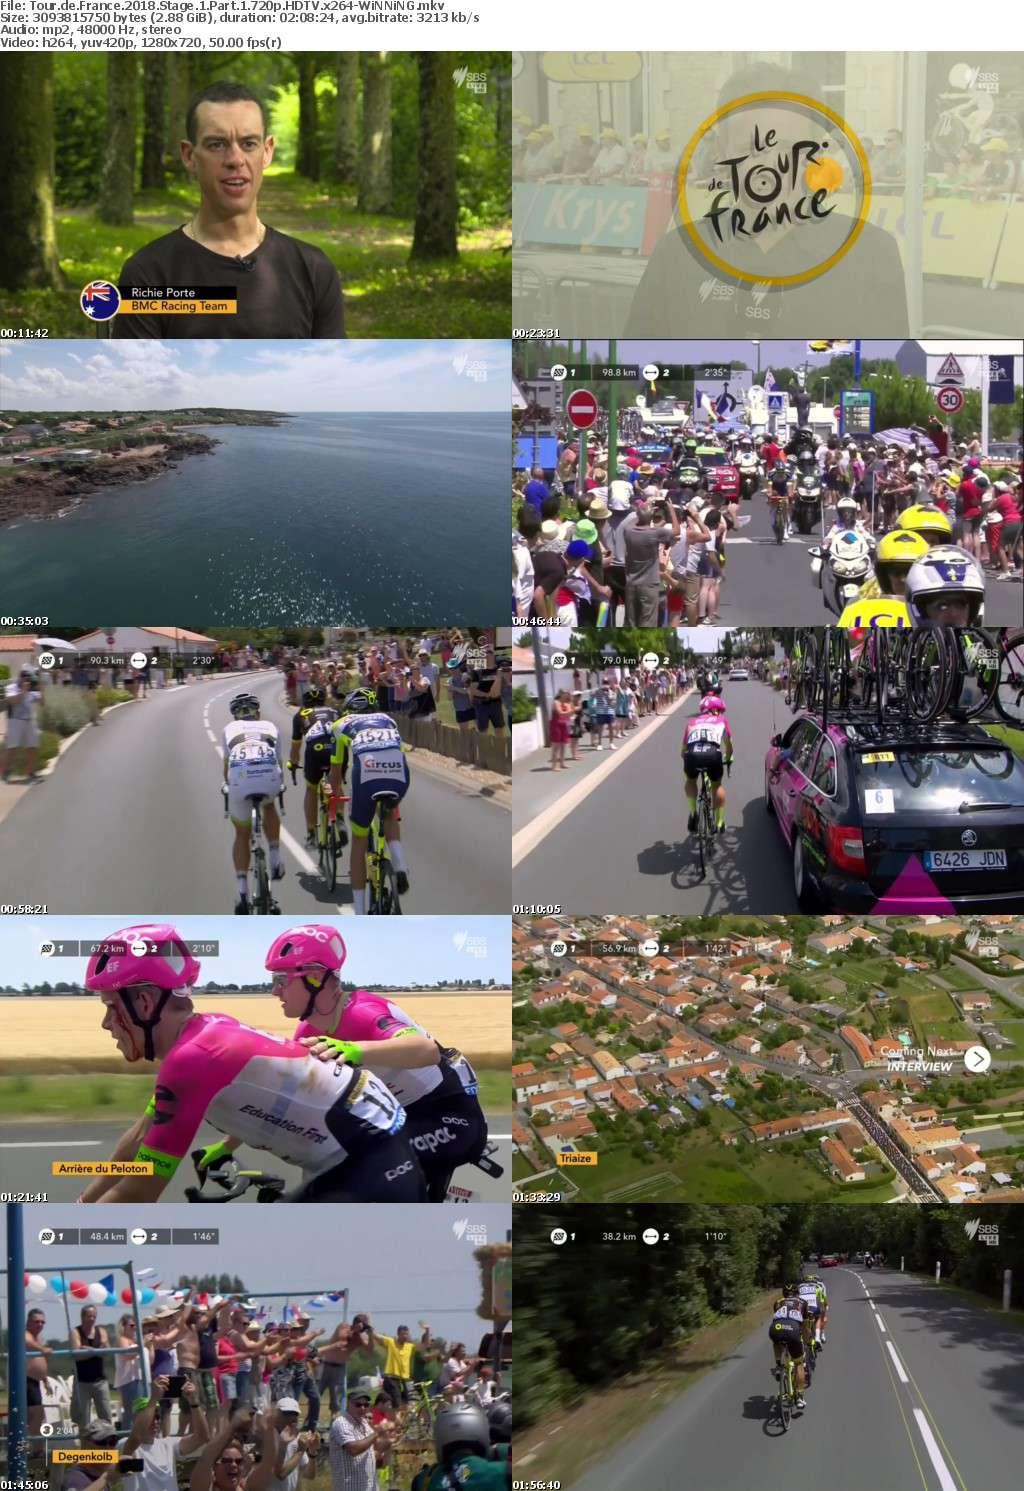 Tour de France 2018 Stage 1 Part 1 720p HDTV x264-WiNNiNG